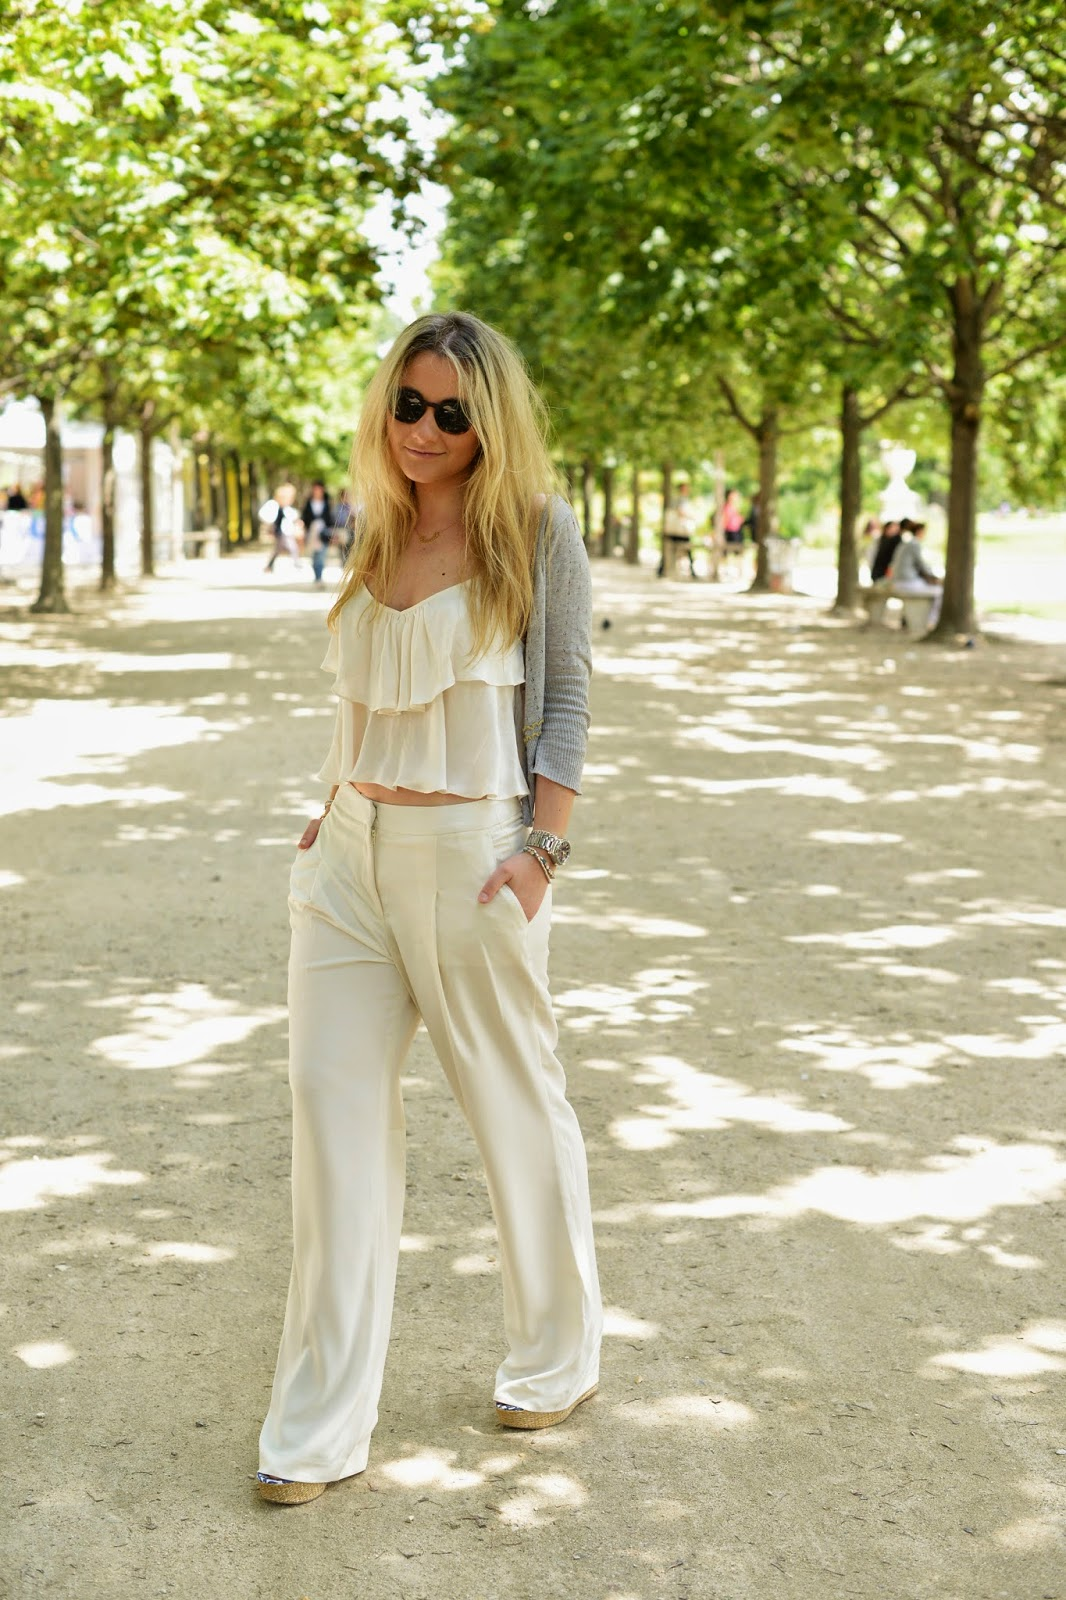 Camille et les garçons Summer in Paris 1